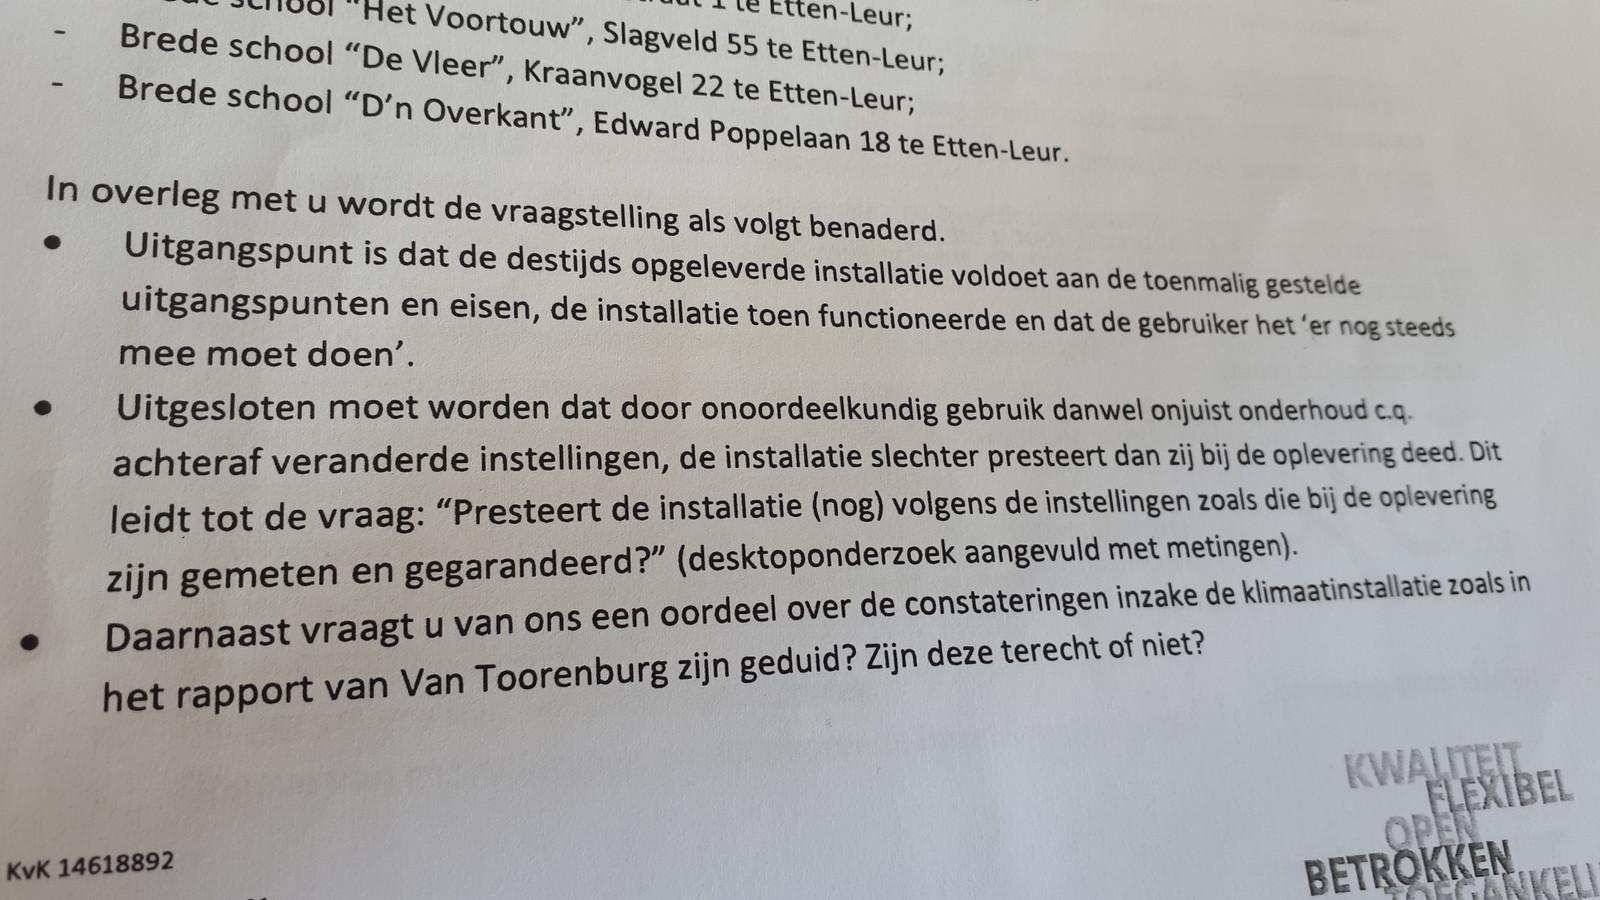 Offerte van 18 mei 2020, brief van Huygen Installatie Adviseurs aan ambtenaar van de gemeente Etten-Leur.